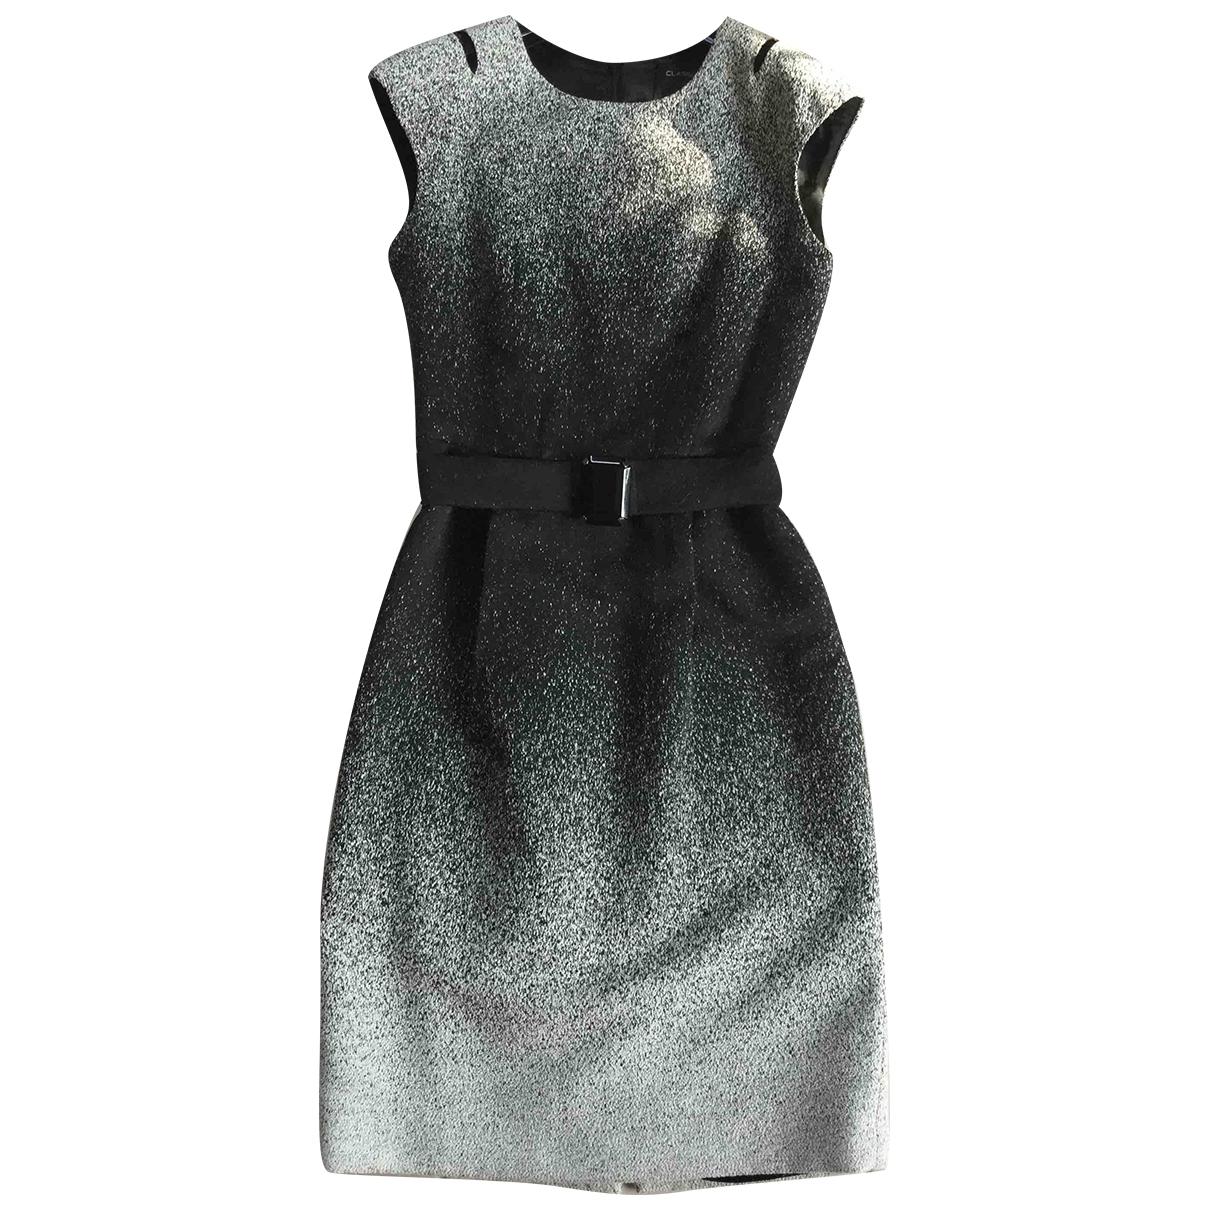 Class Cavalli \N Kleid in  Schwarz Wolle